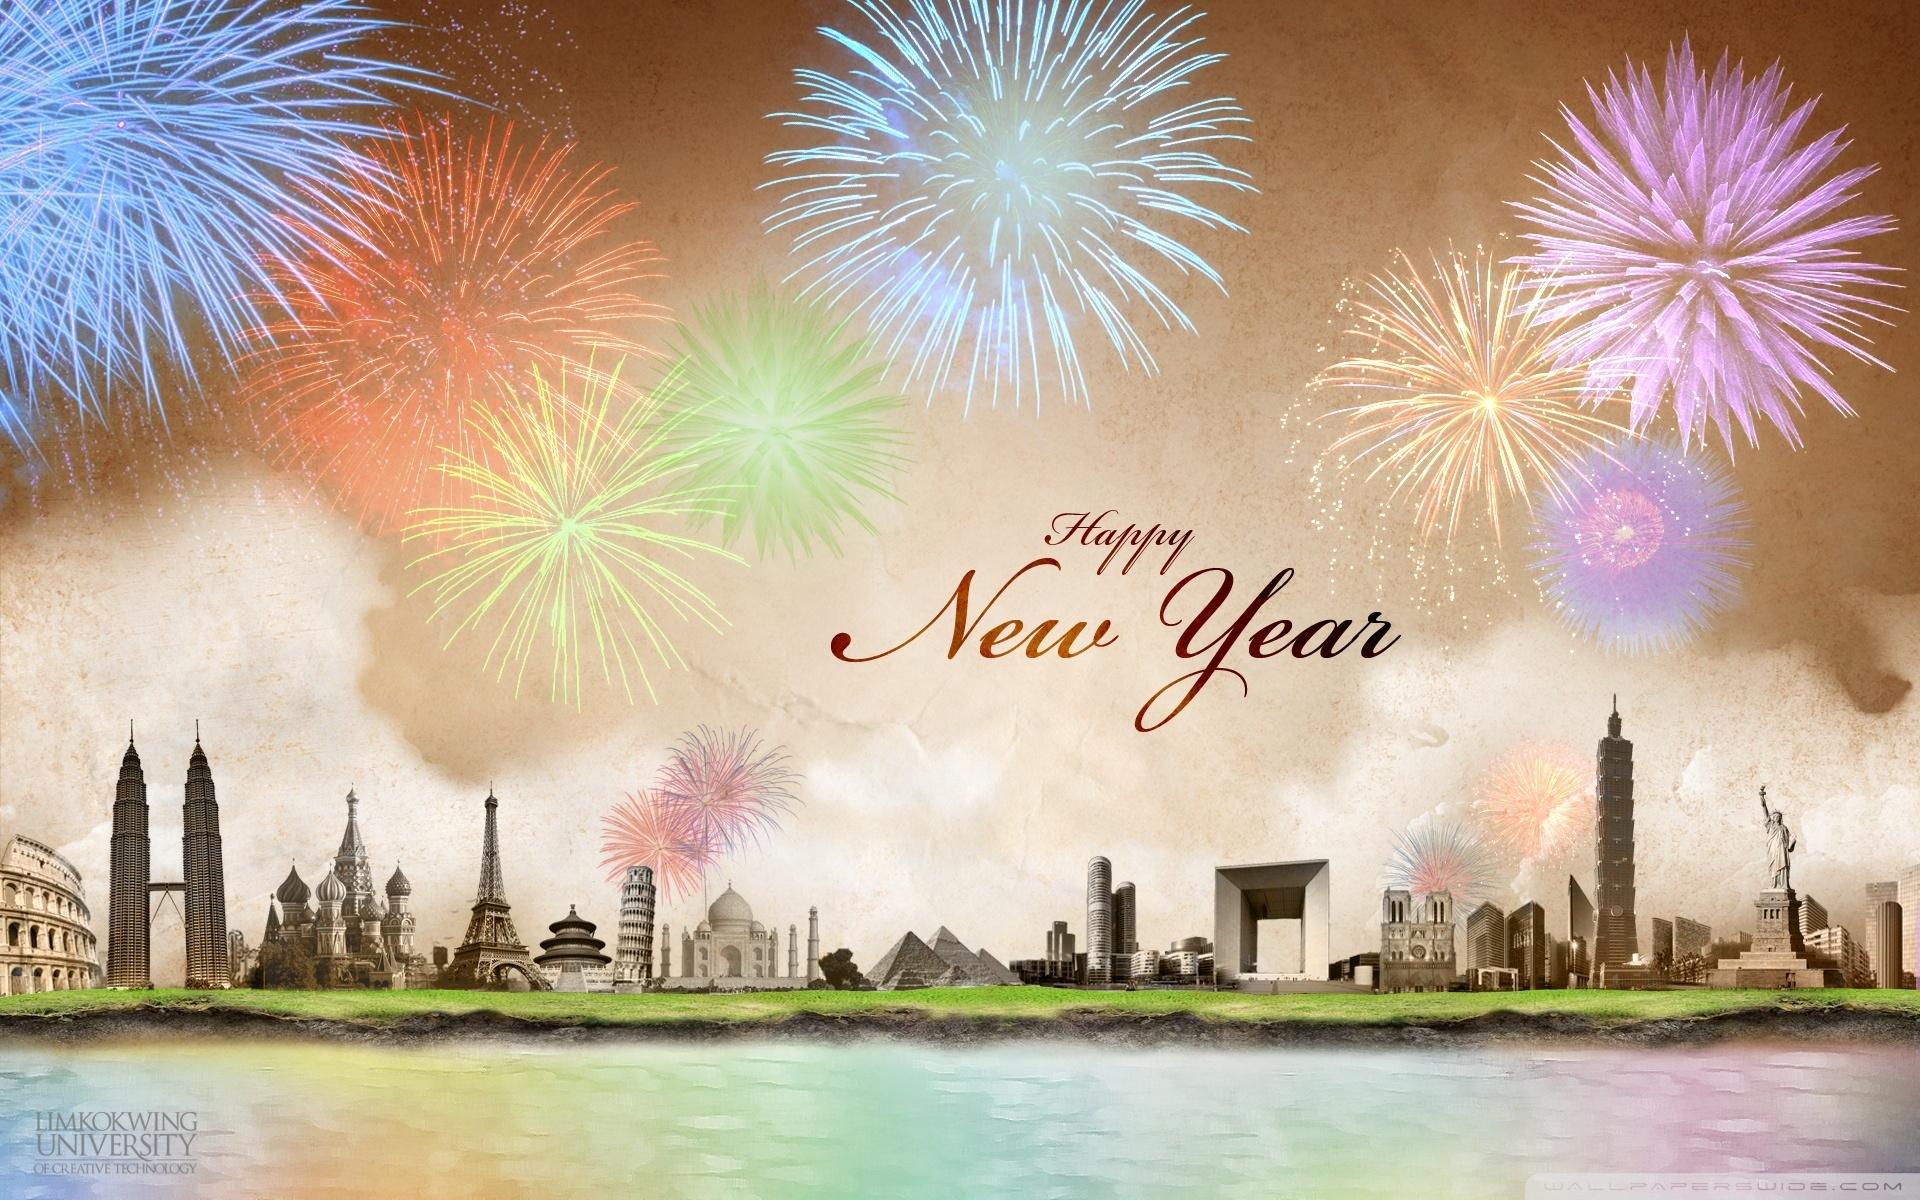 happy new year ❤ 4k hd desktop wallpaper for 4k ultra hd tv • wide